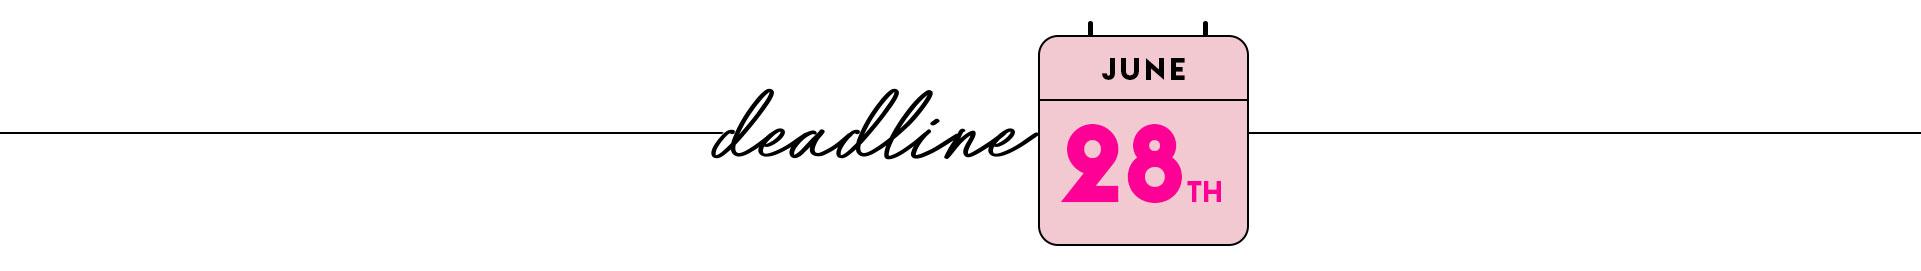 Deadline 7th june